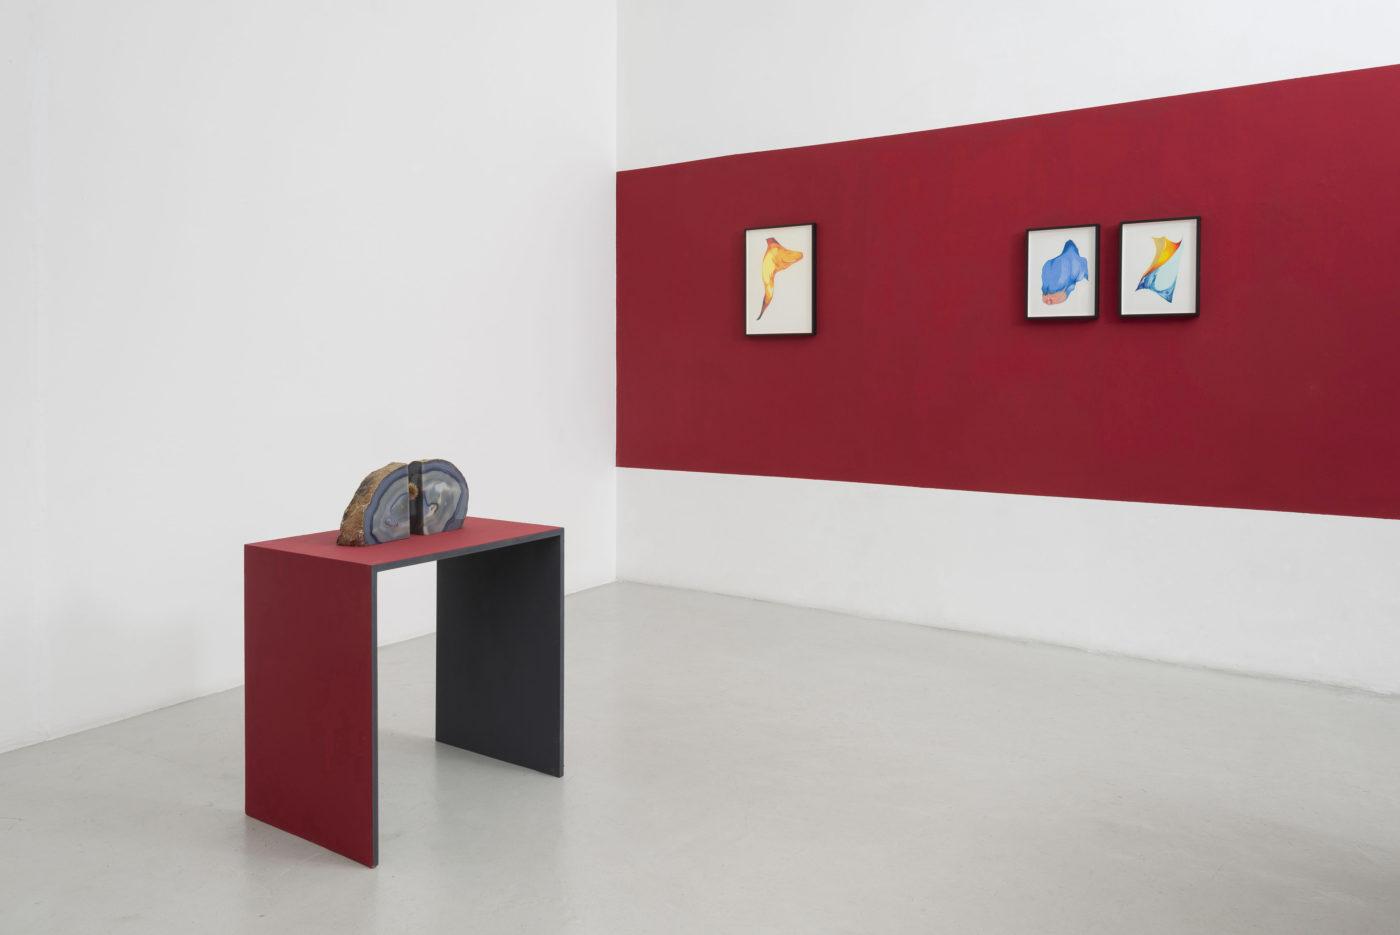 Giovanni Kronenberg, Renata Fabbri Arte Contemporanea, Milano. Foto, Cosimo Filippini 2020